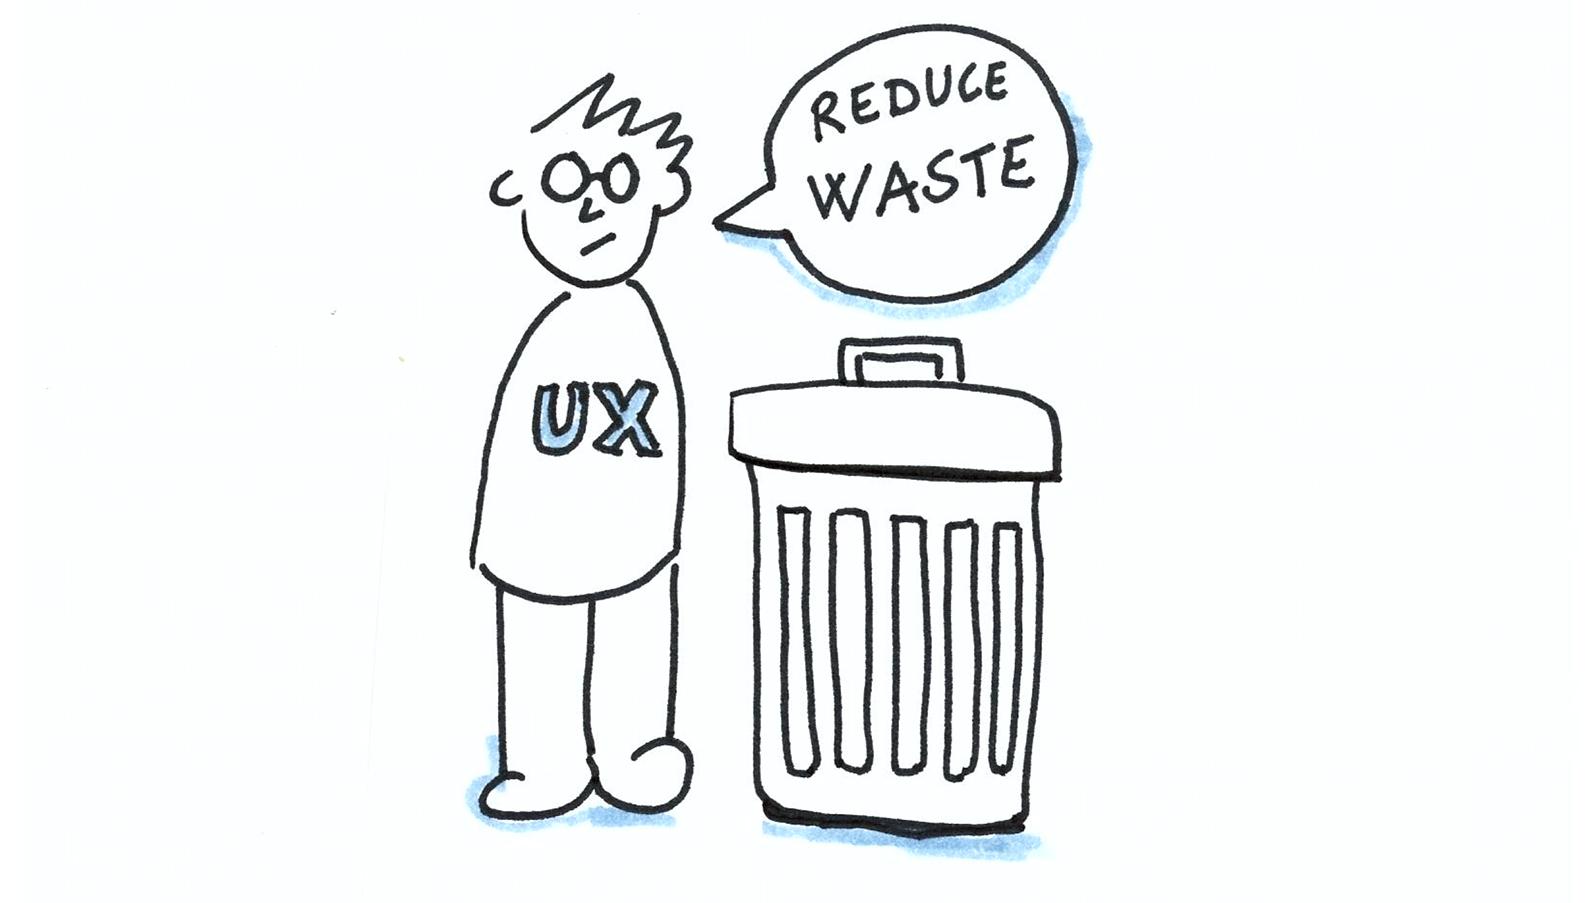 reduce-waste.jpg